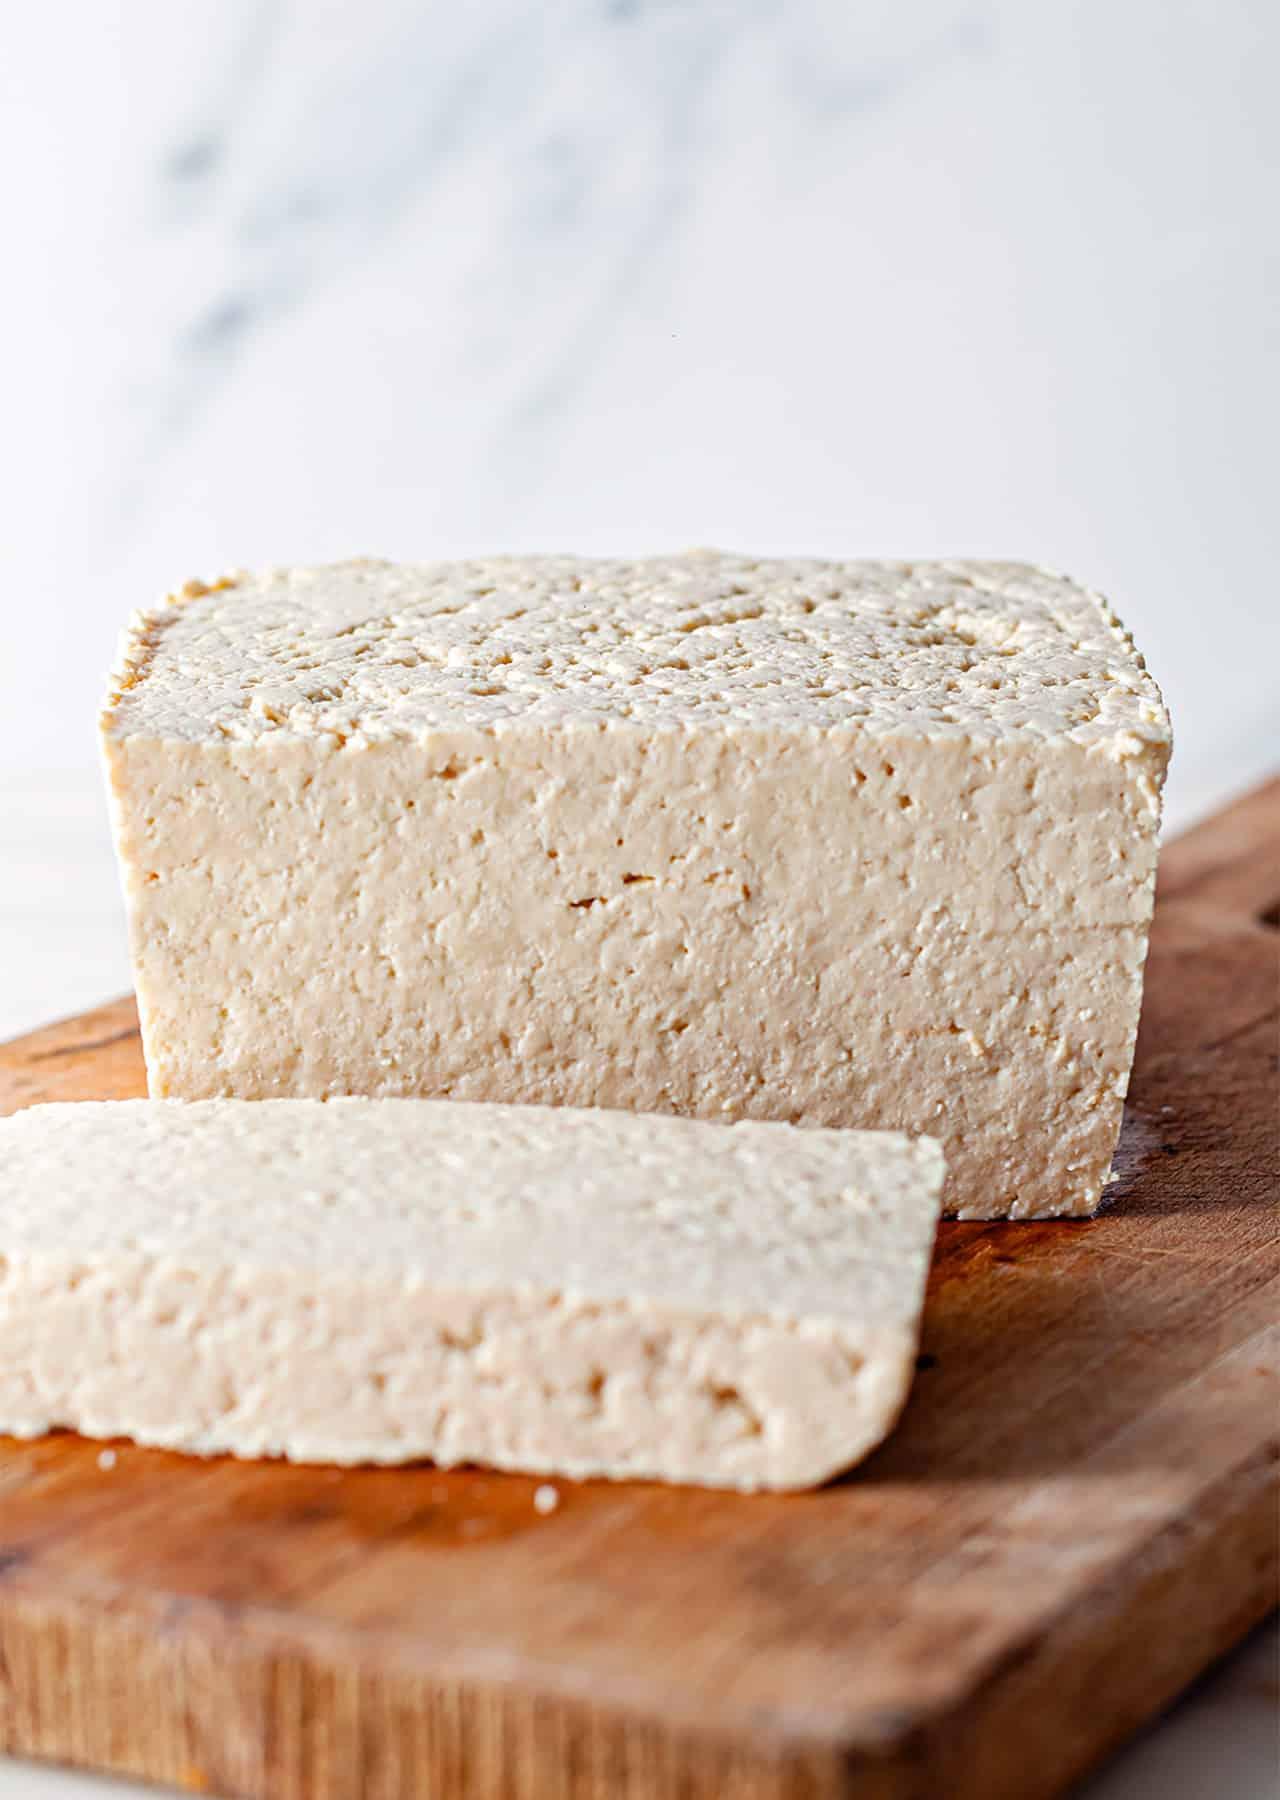 How To Make Homemade Tofu Recipe